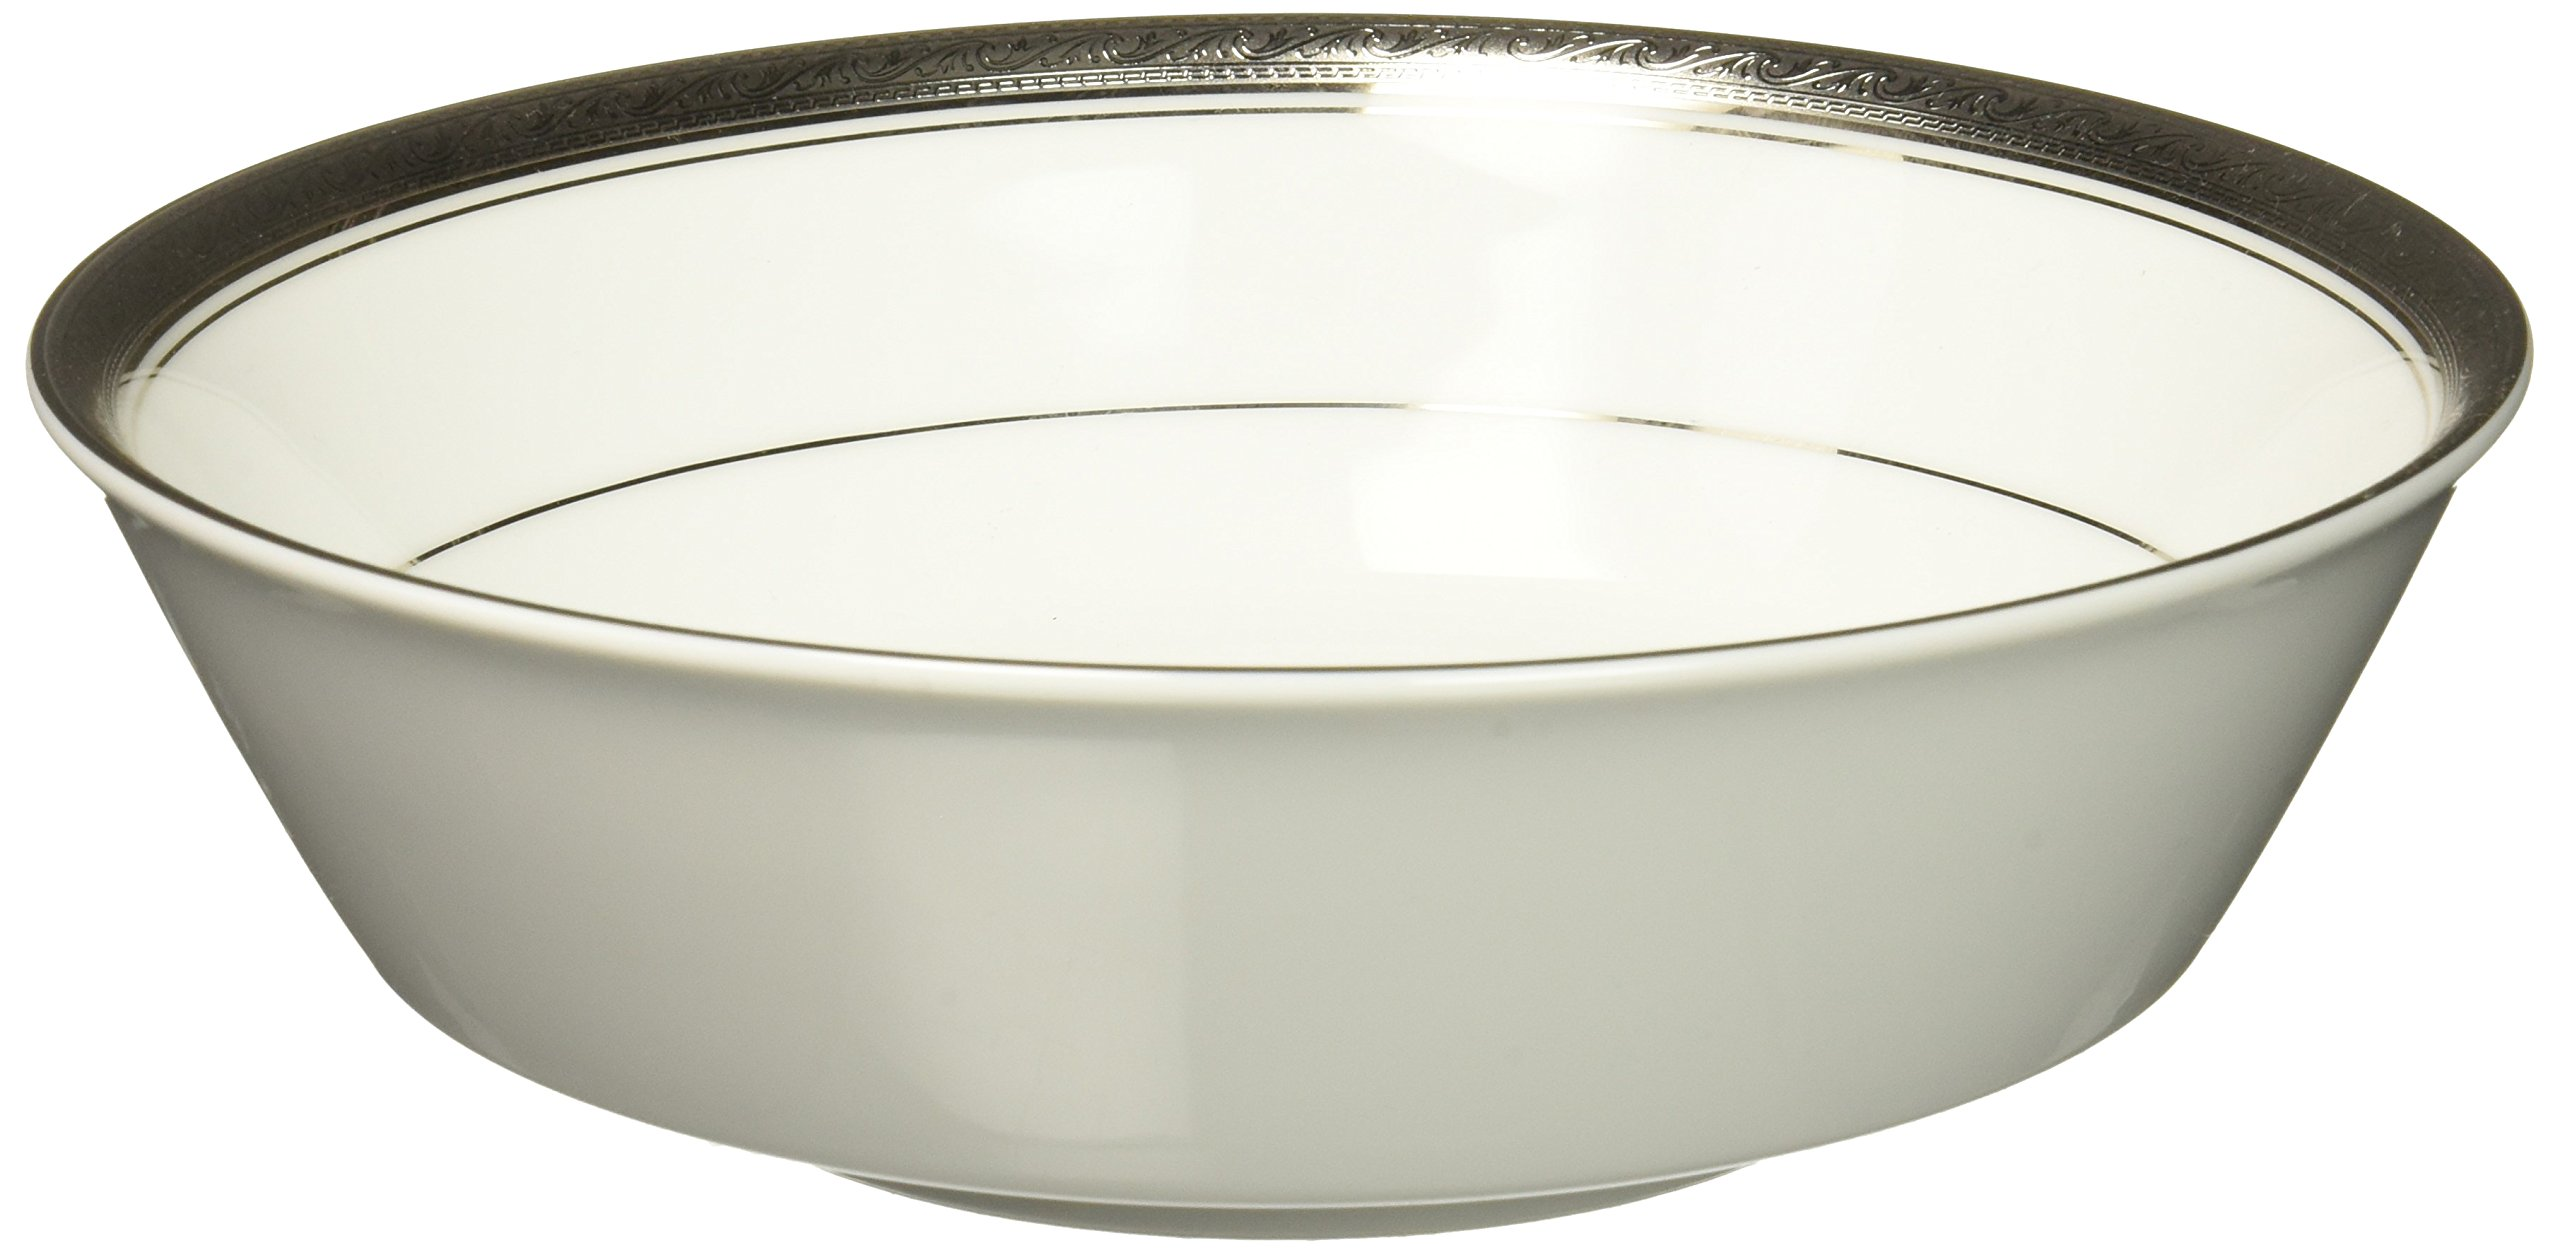 Noritake Crestwood Platinum Round Vegetable Bowl